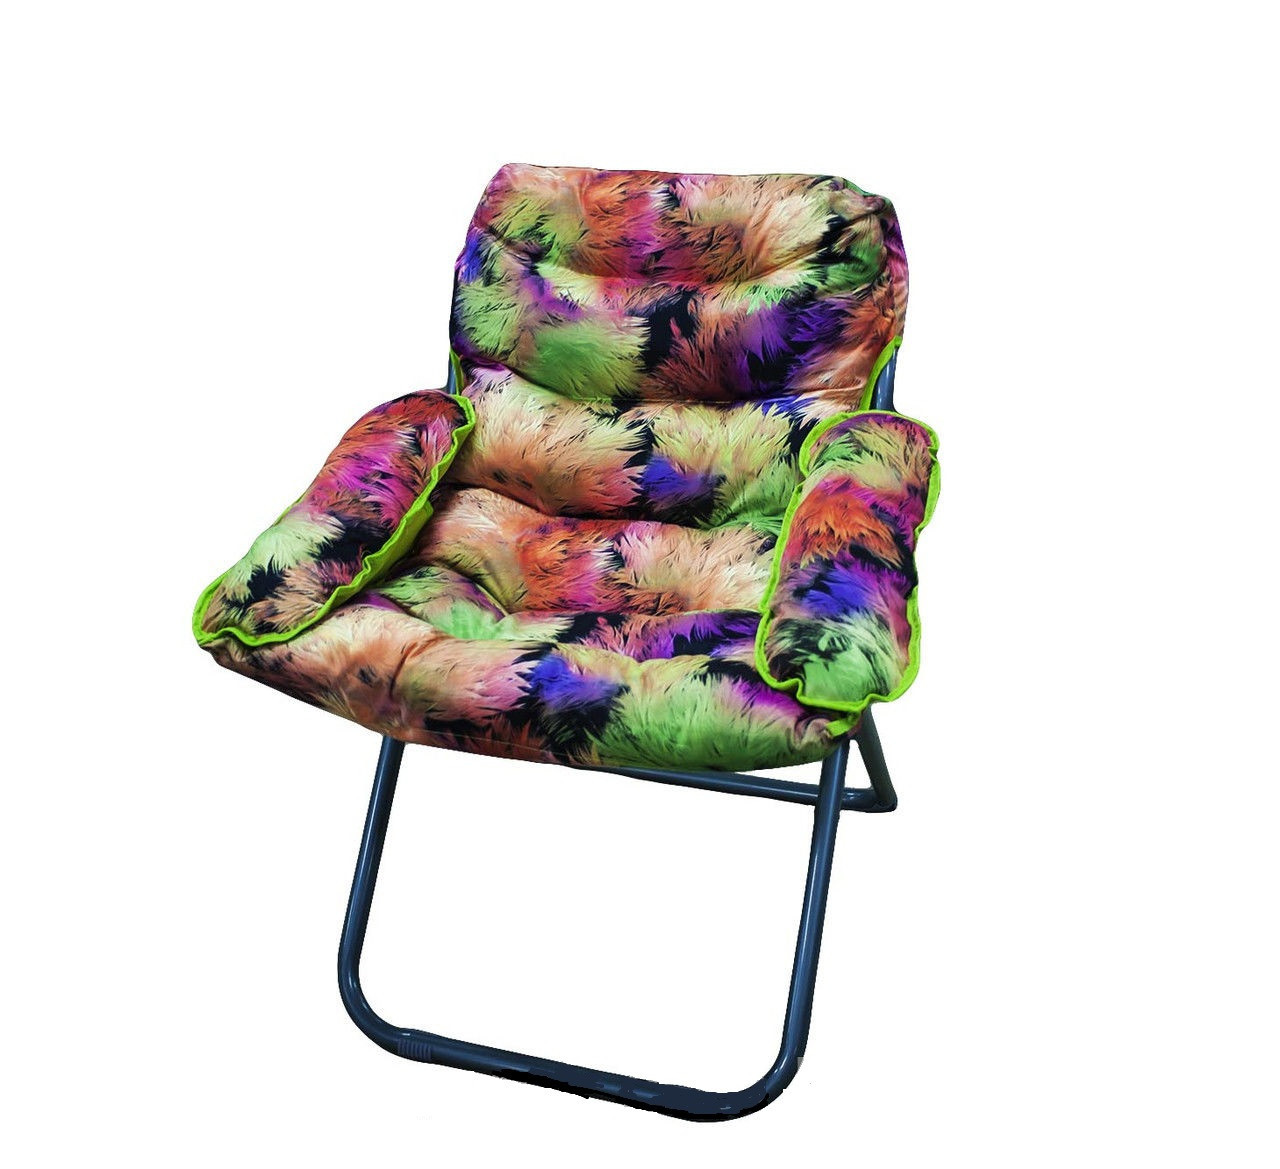 Кресло, 73 * 97 см, яркий павлин